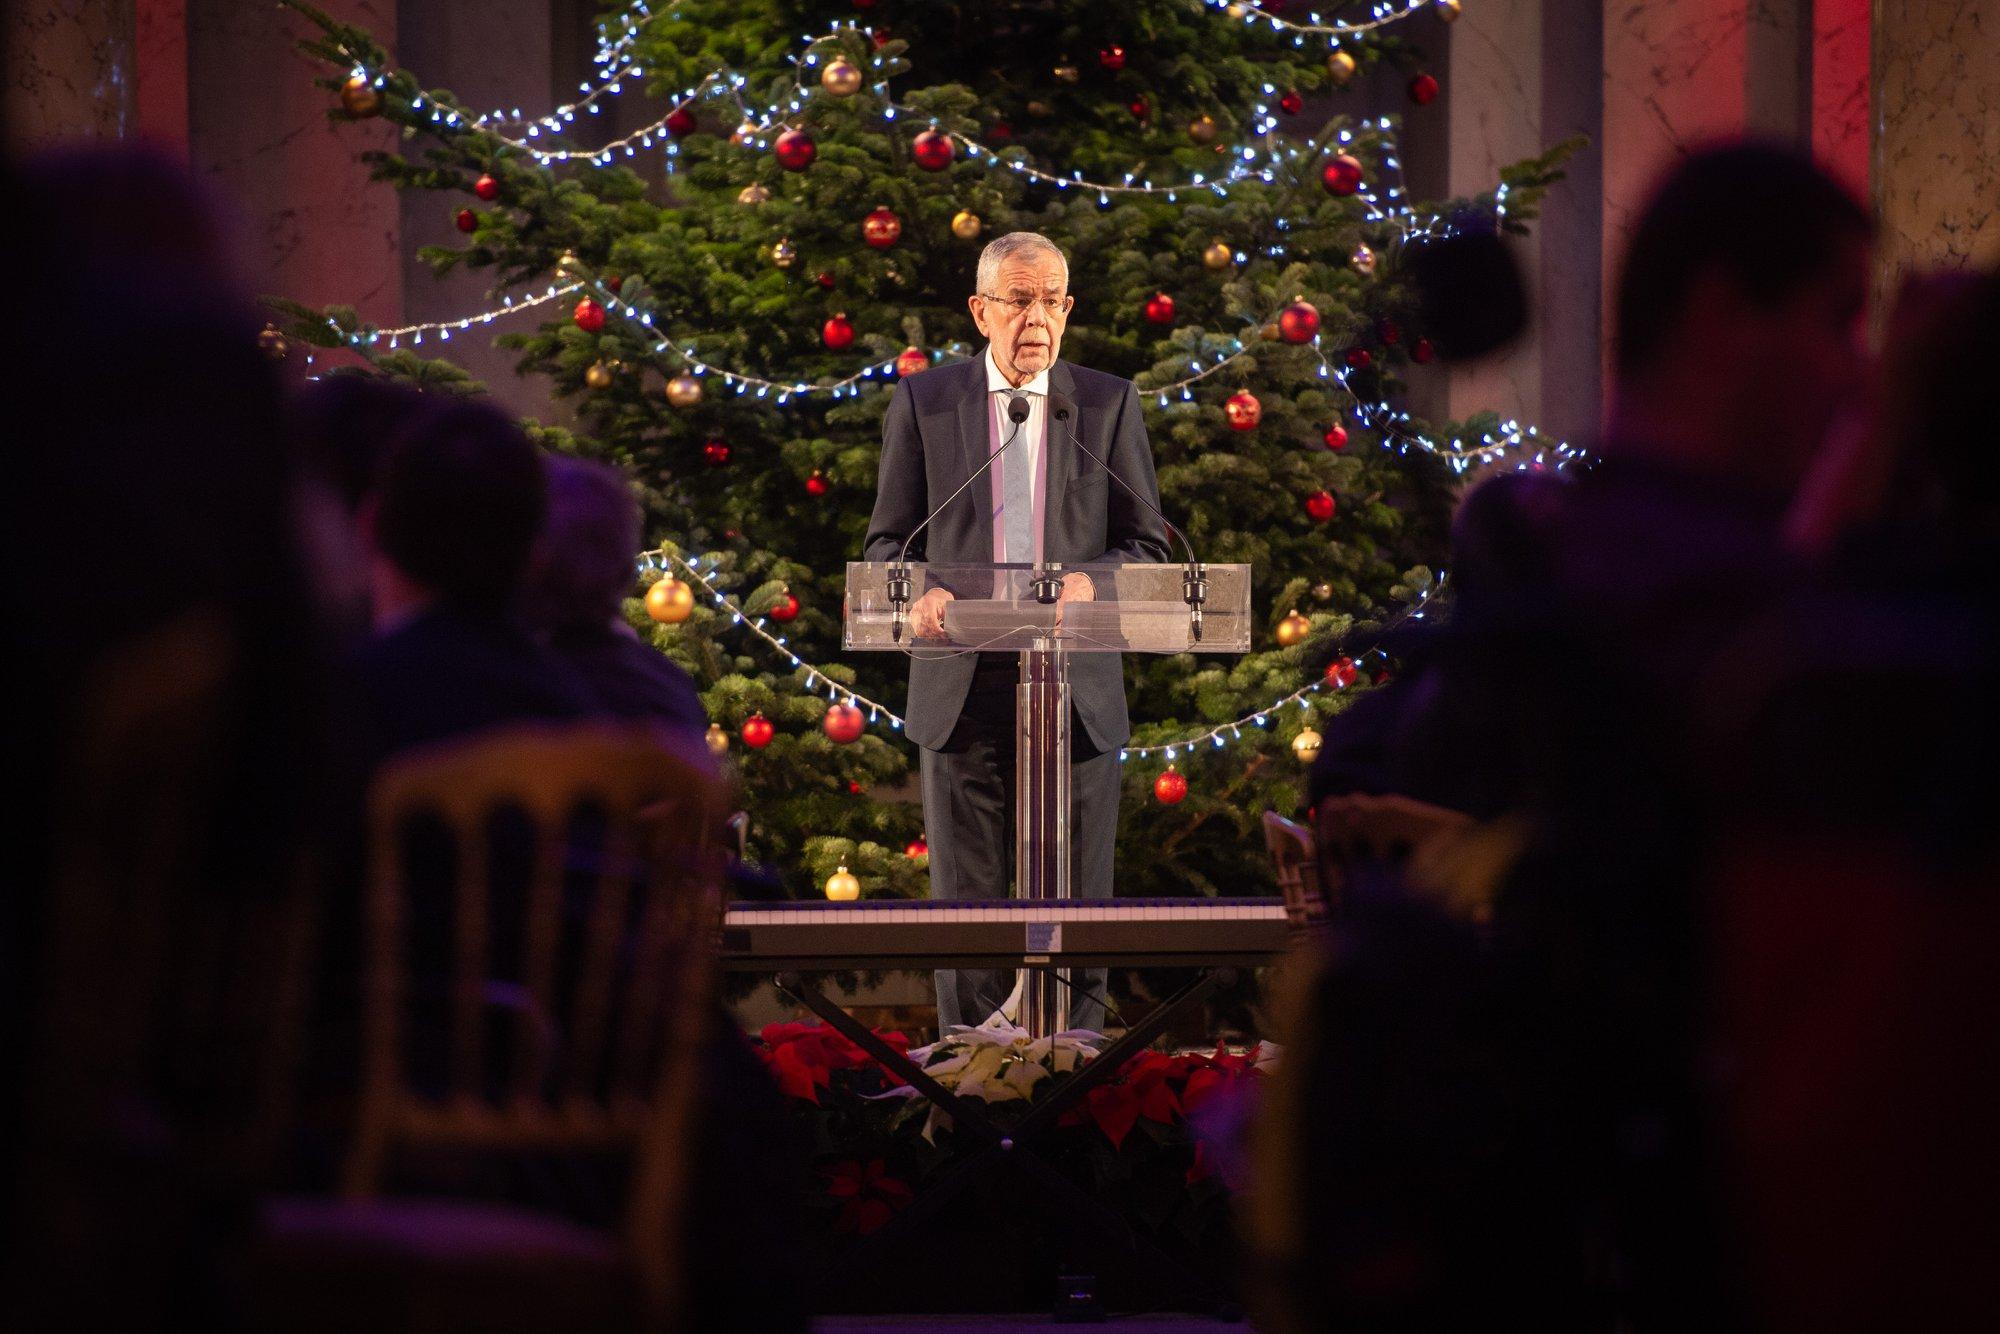 Weihnachtsfeier für und mit Menschen mit Behinderung, Foto: Präsidentschaftskanzlei